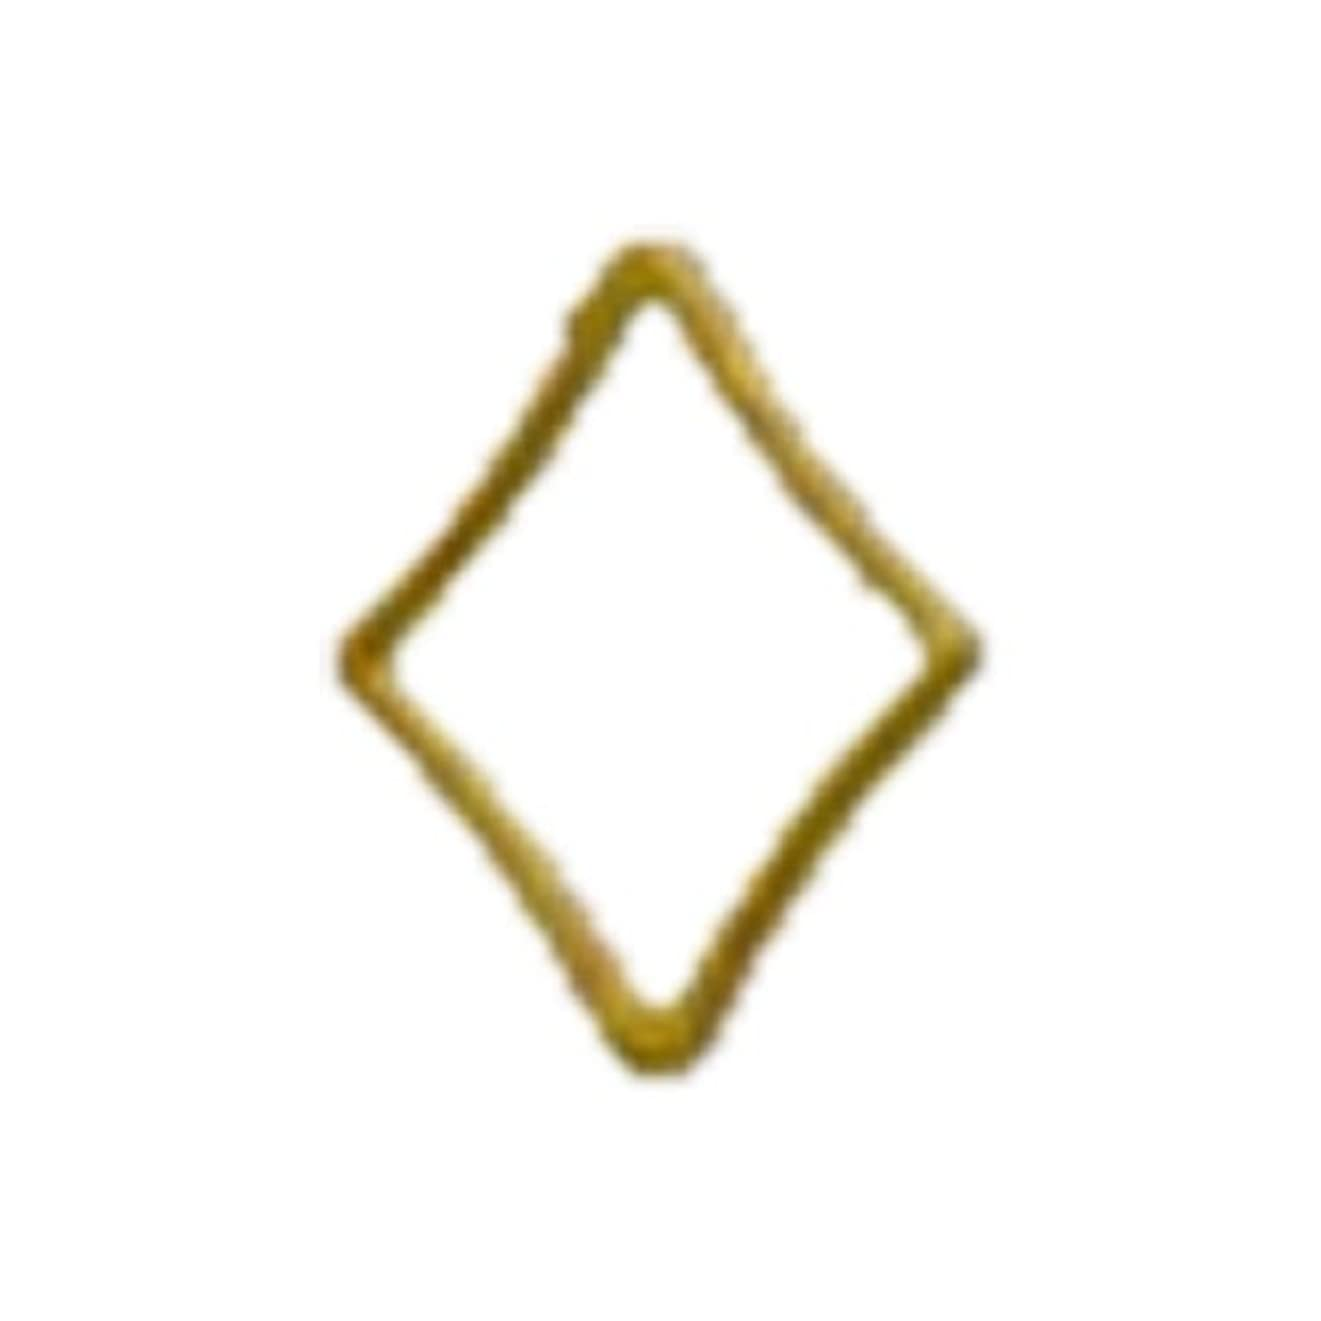 形体操リフレッシュリトルプリティー ネイルアートパーツ キラキラ 3S ゴールド 20個